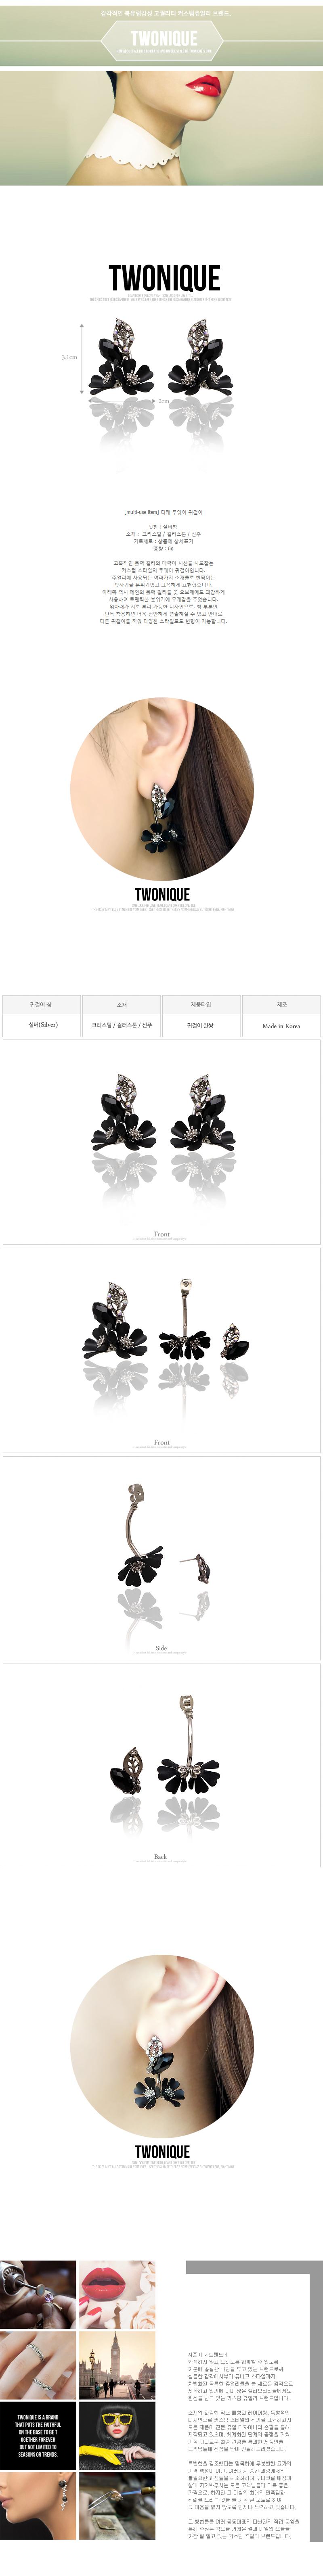 디케 투웨이 귀걸이26,000원-투니크패션잡화, 주얼리, 귀걸이, 실버바보사랑디케 투웨이 귀걸이26,000원-투니크패션잡화, 주얼리, 귀걸이, 실버바보사랑